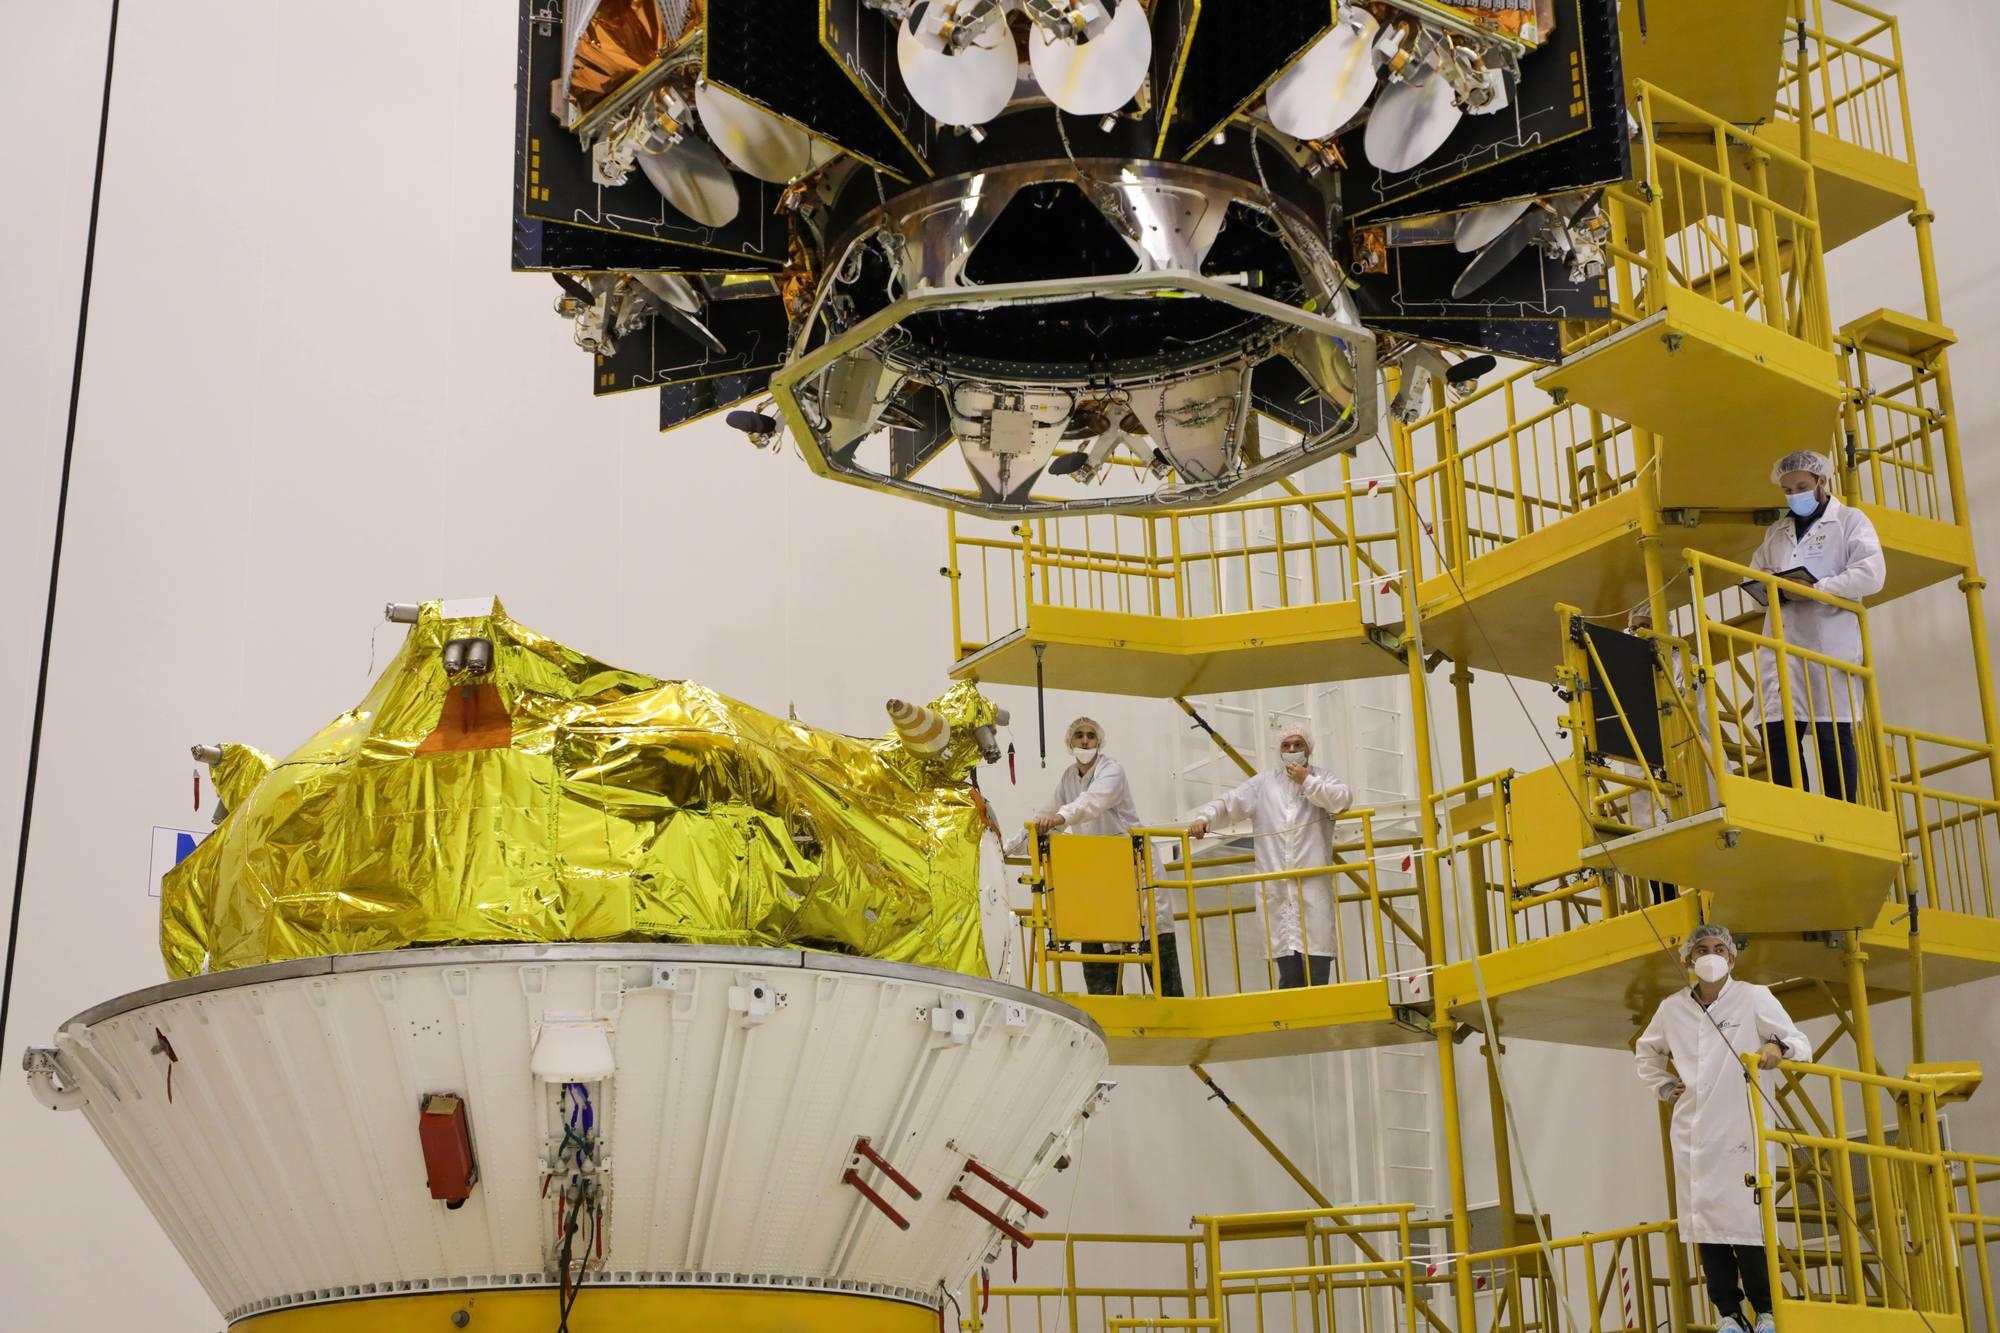 L'étage Fregat (en bas) et le dispenseur avec les satellites.